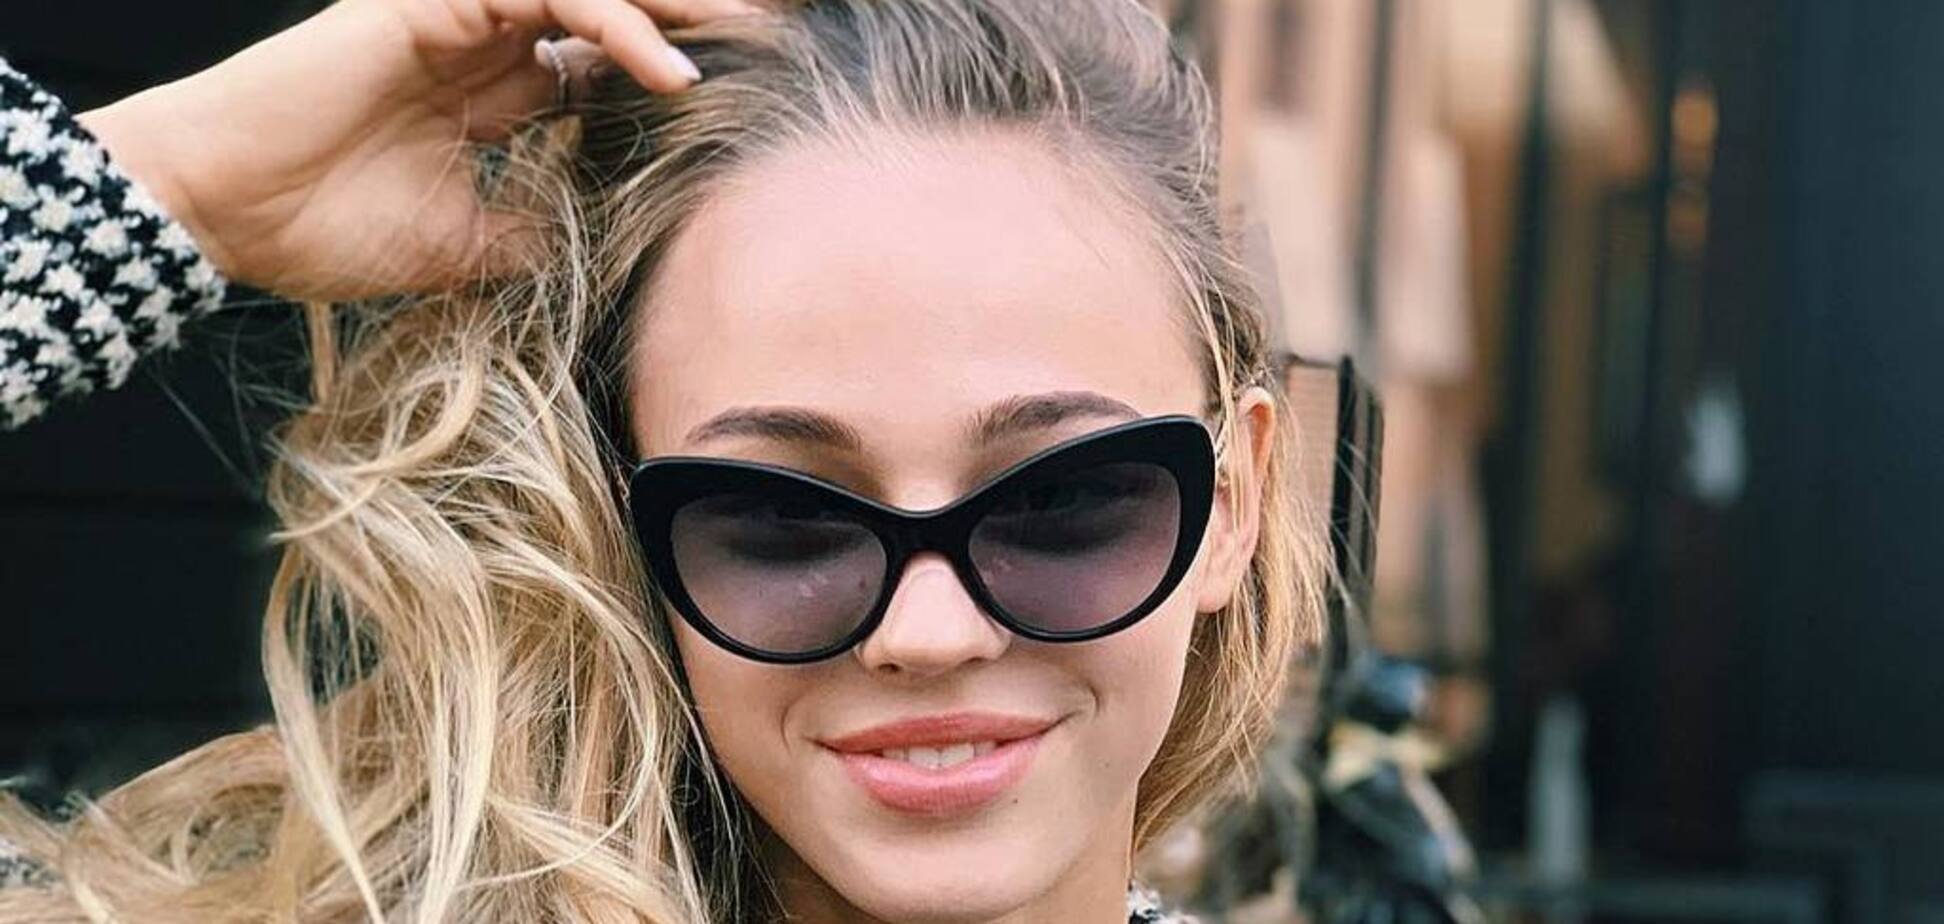 ''Спасательница Малибу'': украинская чемпионка восхитила сеть фото в купальнике